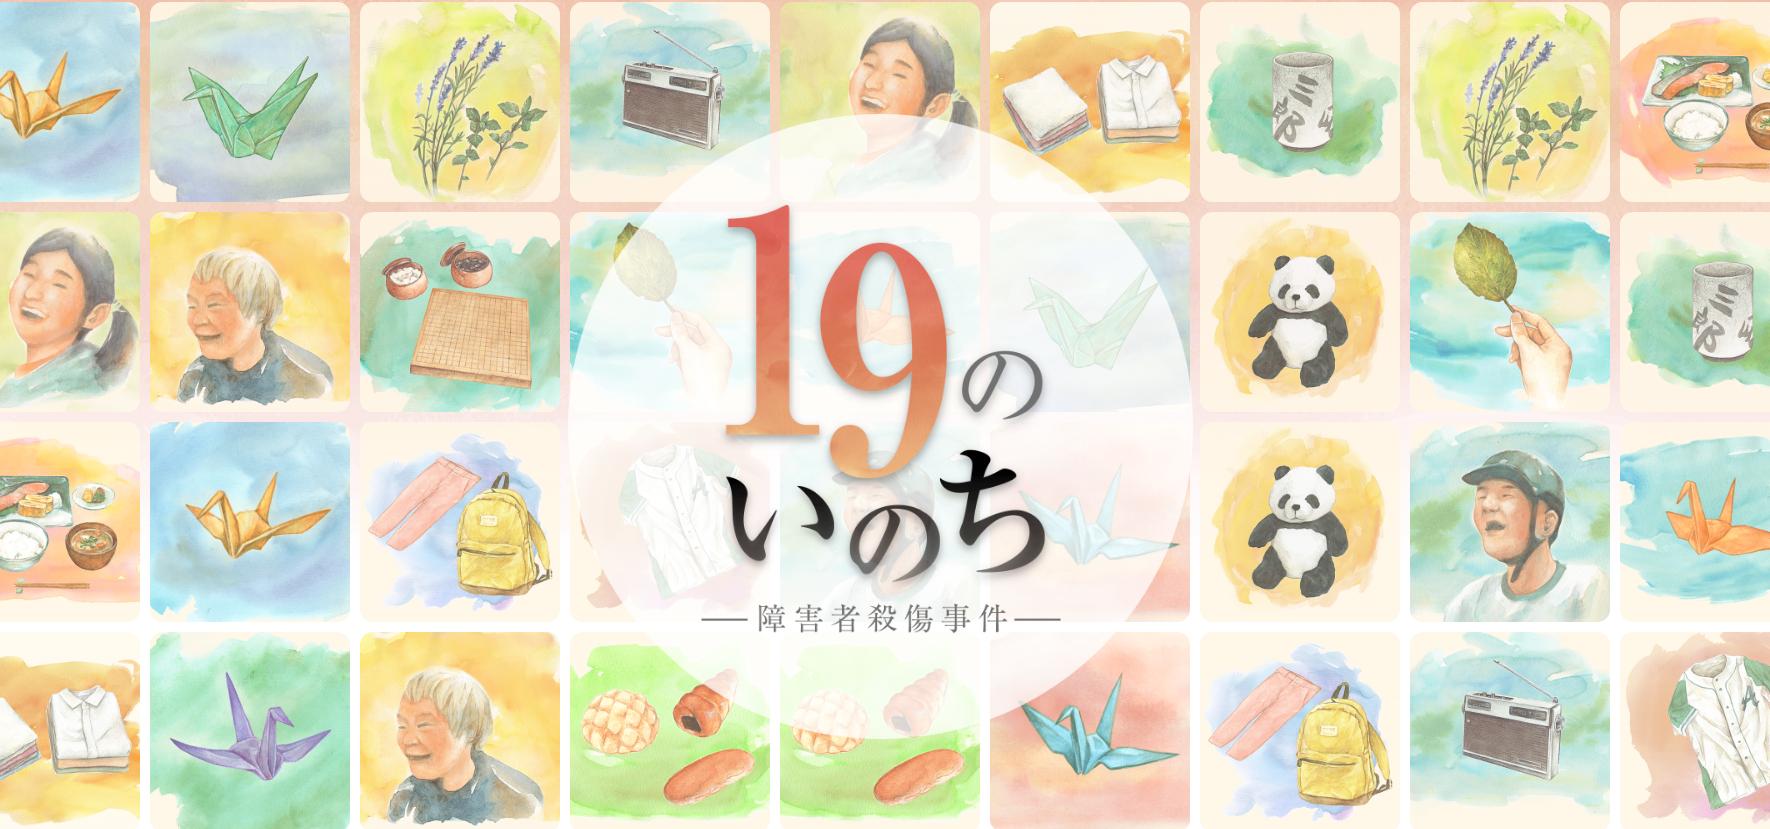 NHKサイト「19のいのち」で考えるWEB特集型放送 28